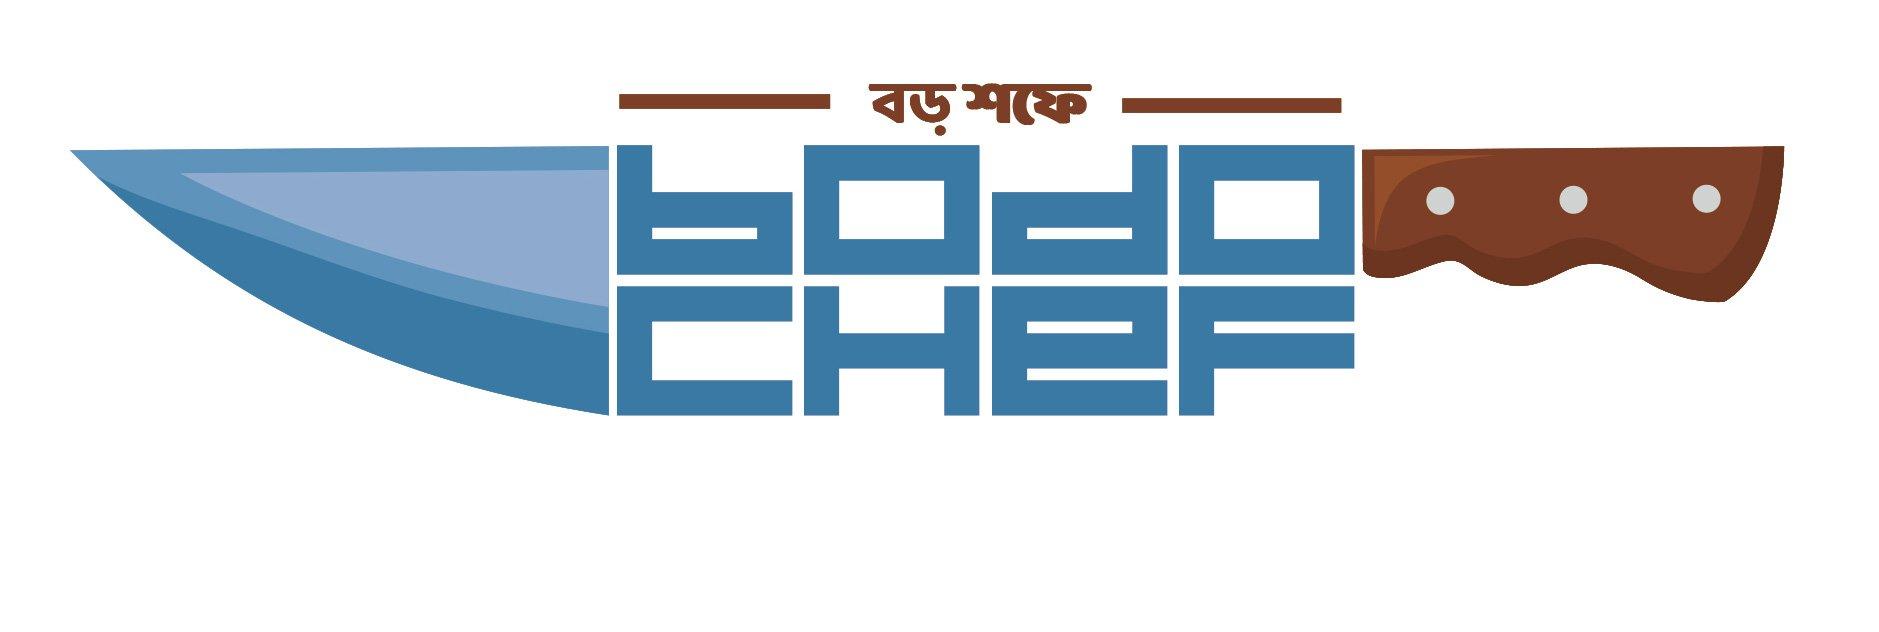 The-----------Bodo-Chef-Contest--by-Howard-Johnson-Kolkata